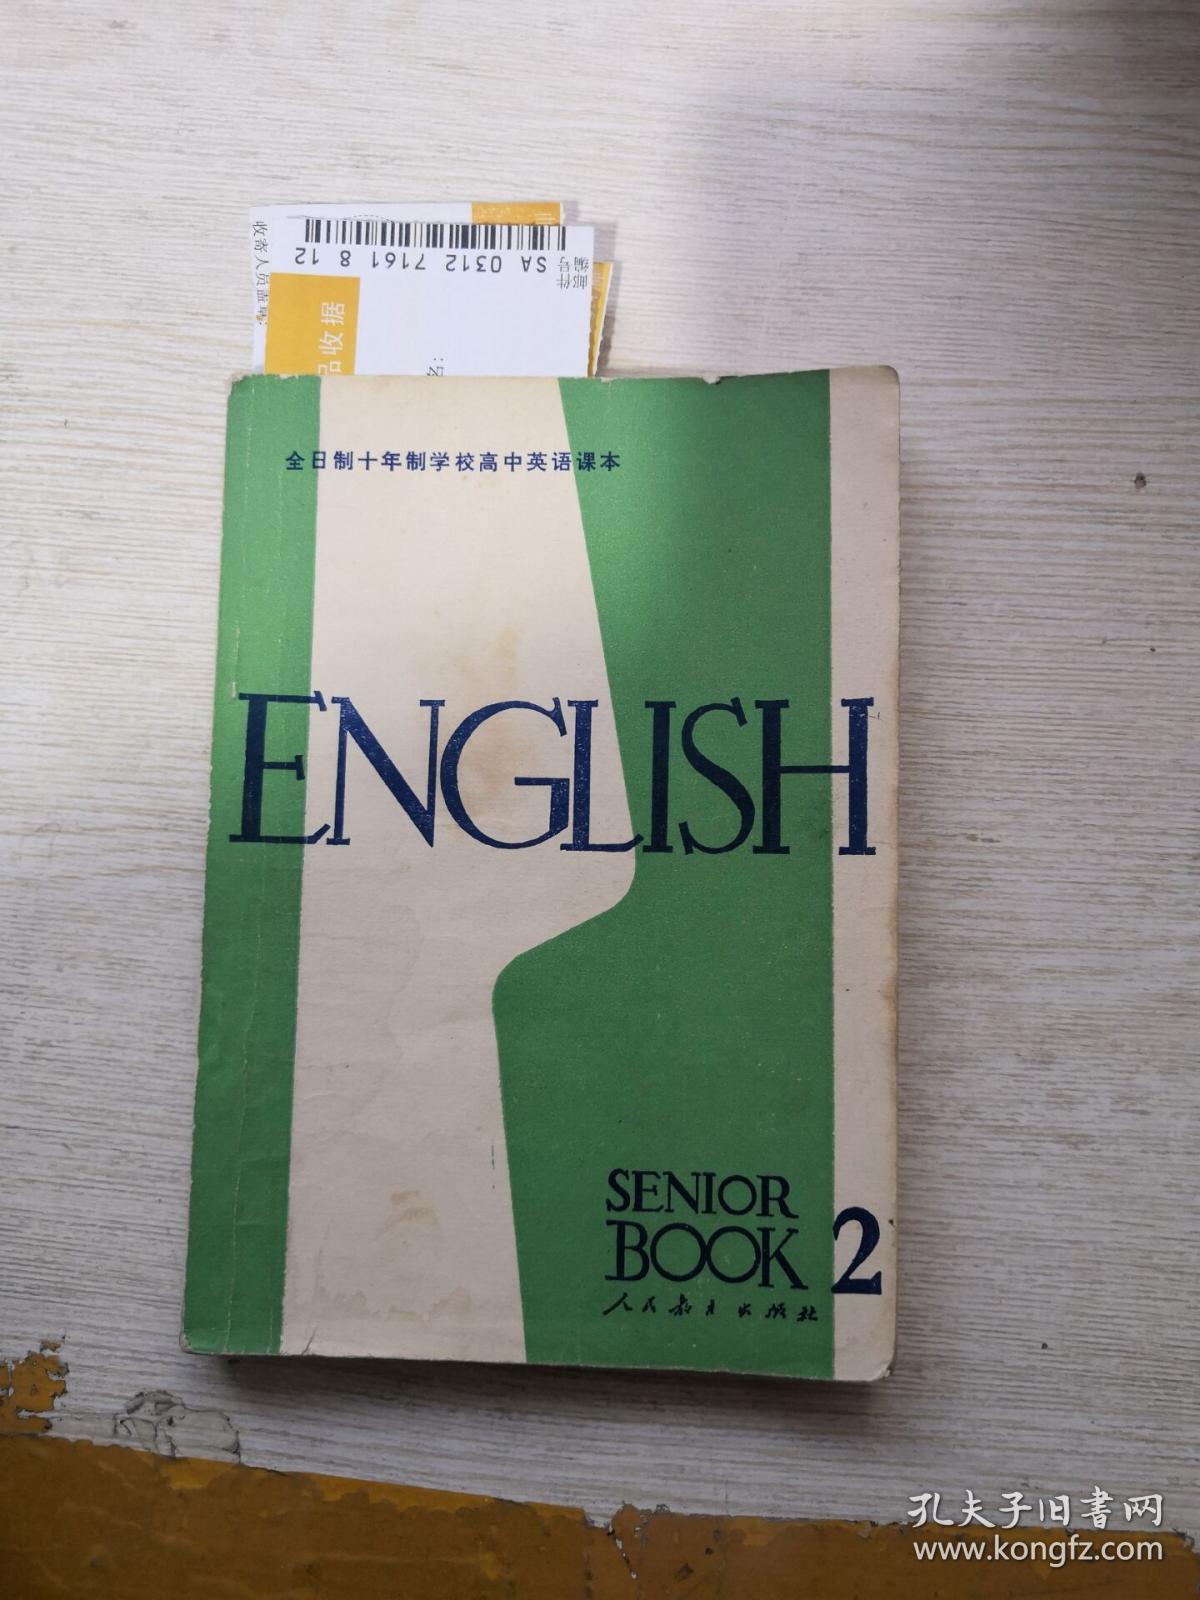 全日制十高中课本年制学校(试用本)英语(第二册家想高中怎么办图片